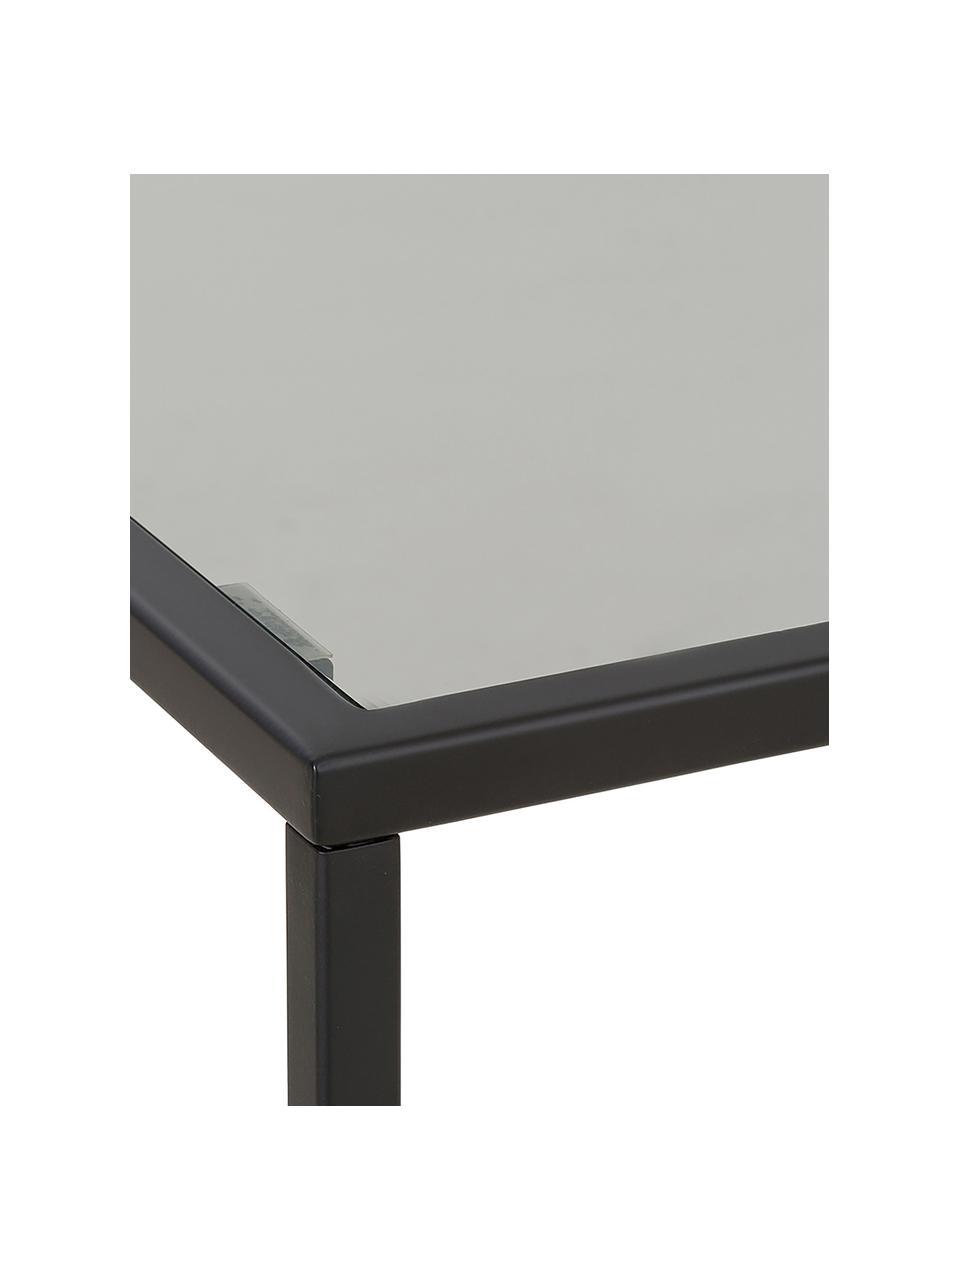 Beistelltisch Maya mit Glasplatte, Tischplatte: Sicherheitsglas, Gestell: Metall, pulverbeschichtet, Glas schwarz getönt, Schwarz, 45 x 50 cm